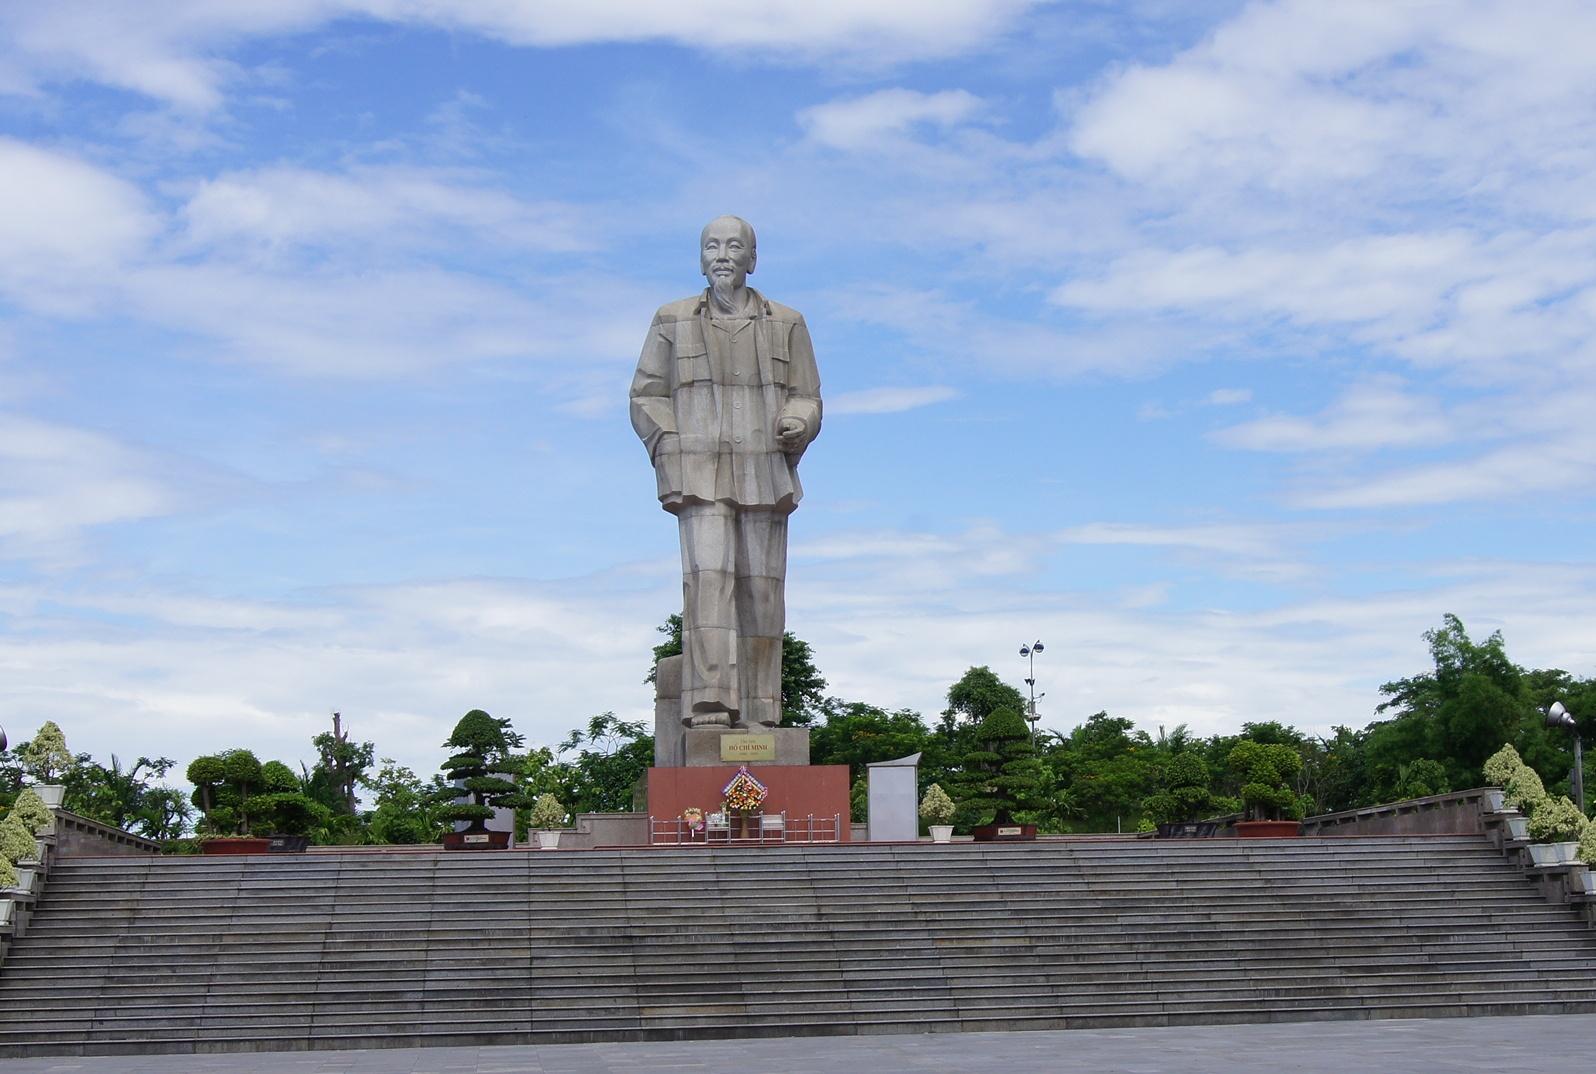 Bán nhớt Motul chất lượng cao tại Nghệ An